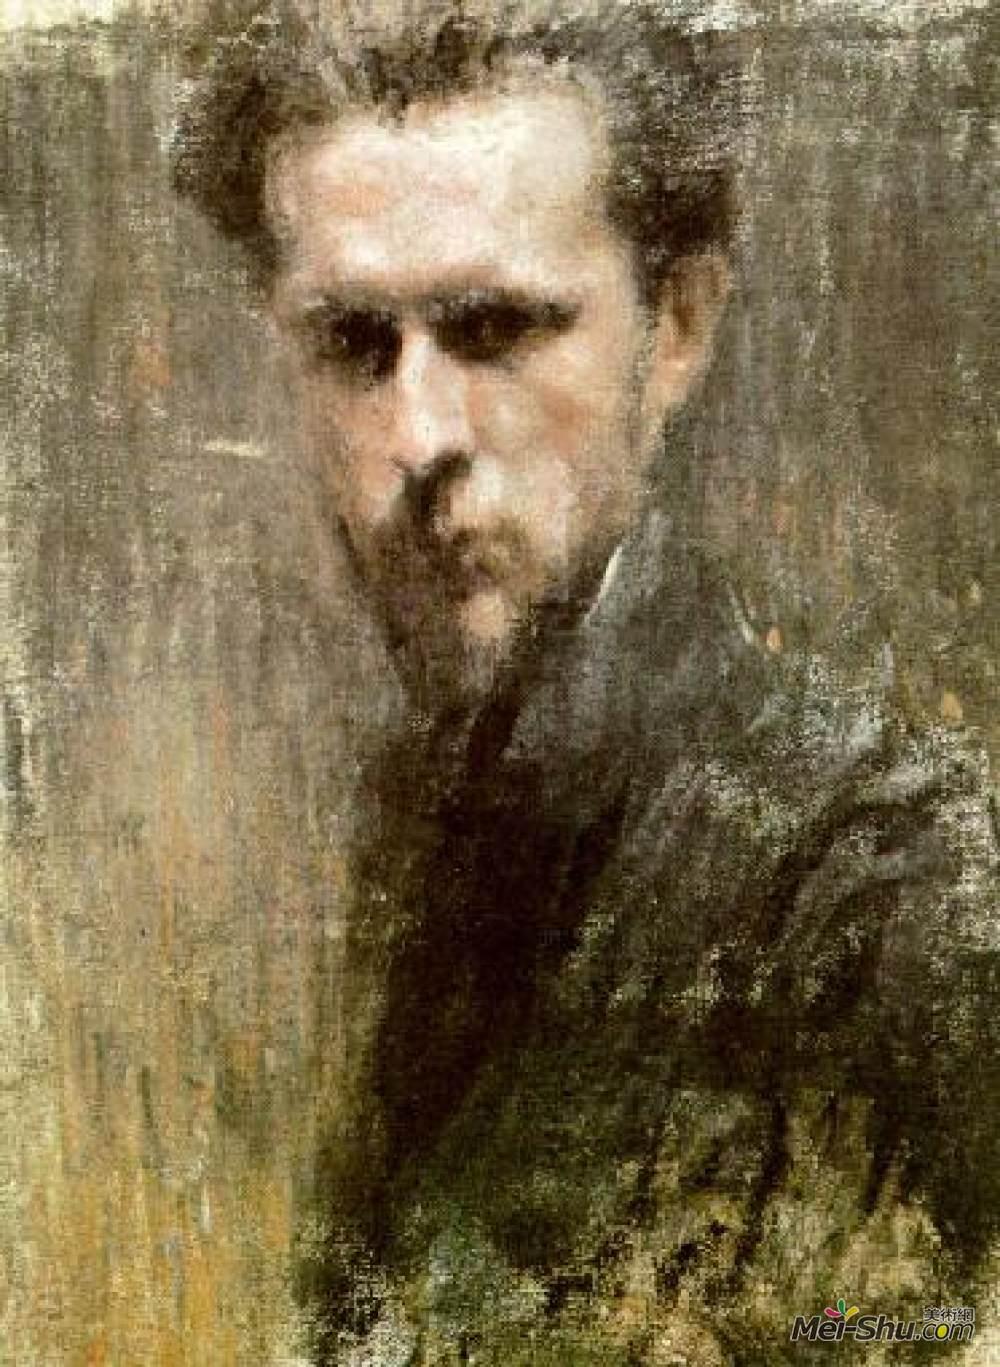 莫斯塔拉夫·多布日茨基(Mstislav Dobuzhinsky)